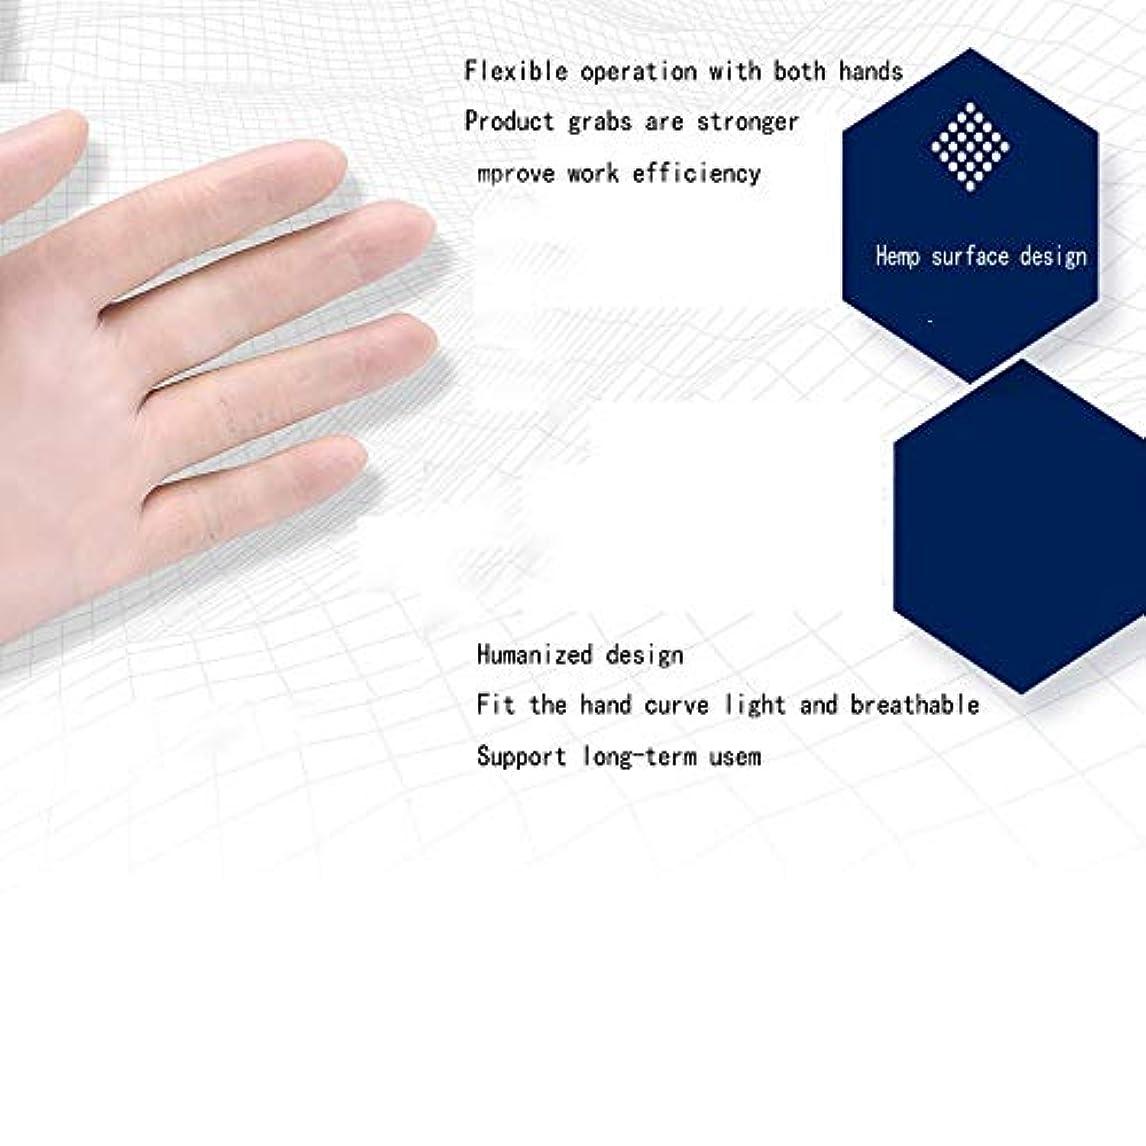 足ようこそ野球Safeguard Nitri Disposable Gloves、パウダーフリー、食品用グローブ、ラテックスフリー、100 Pcサニタリーグローブ (サイズ さいず : S s)